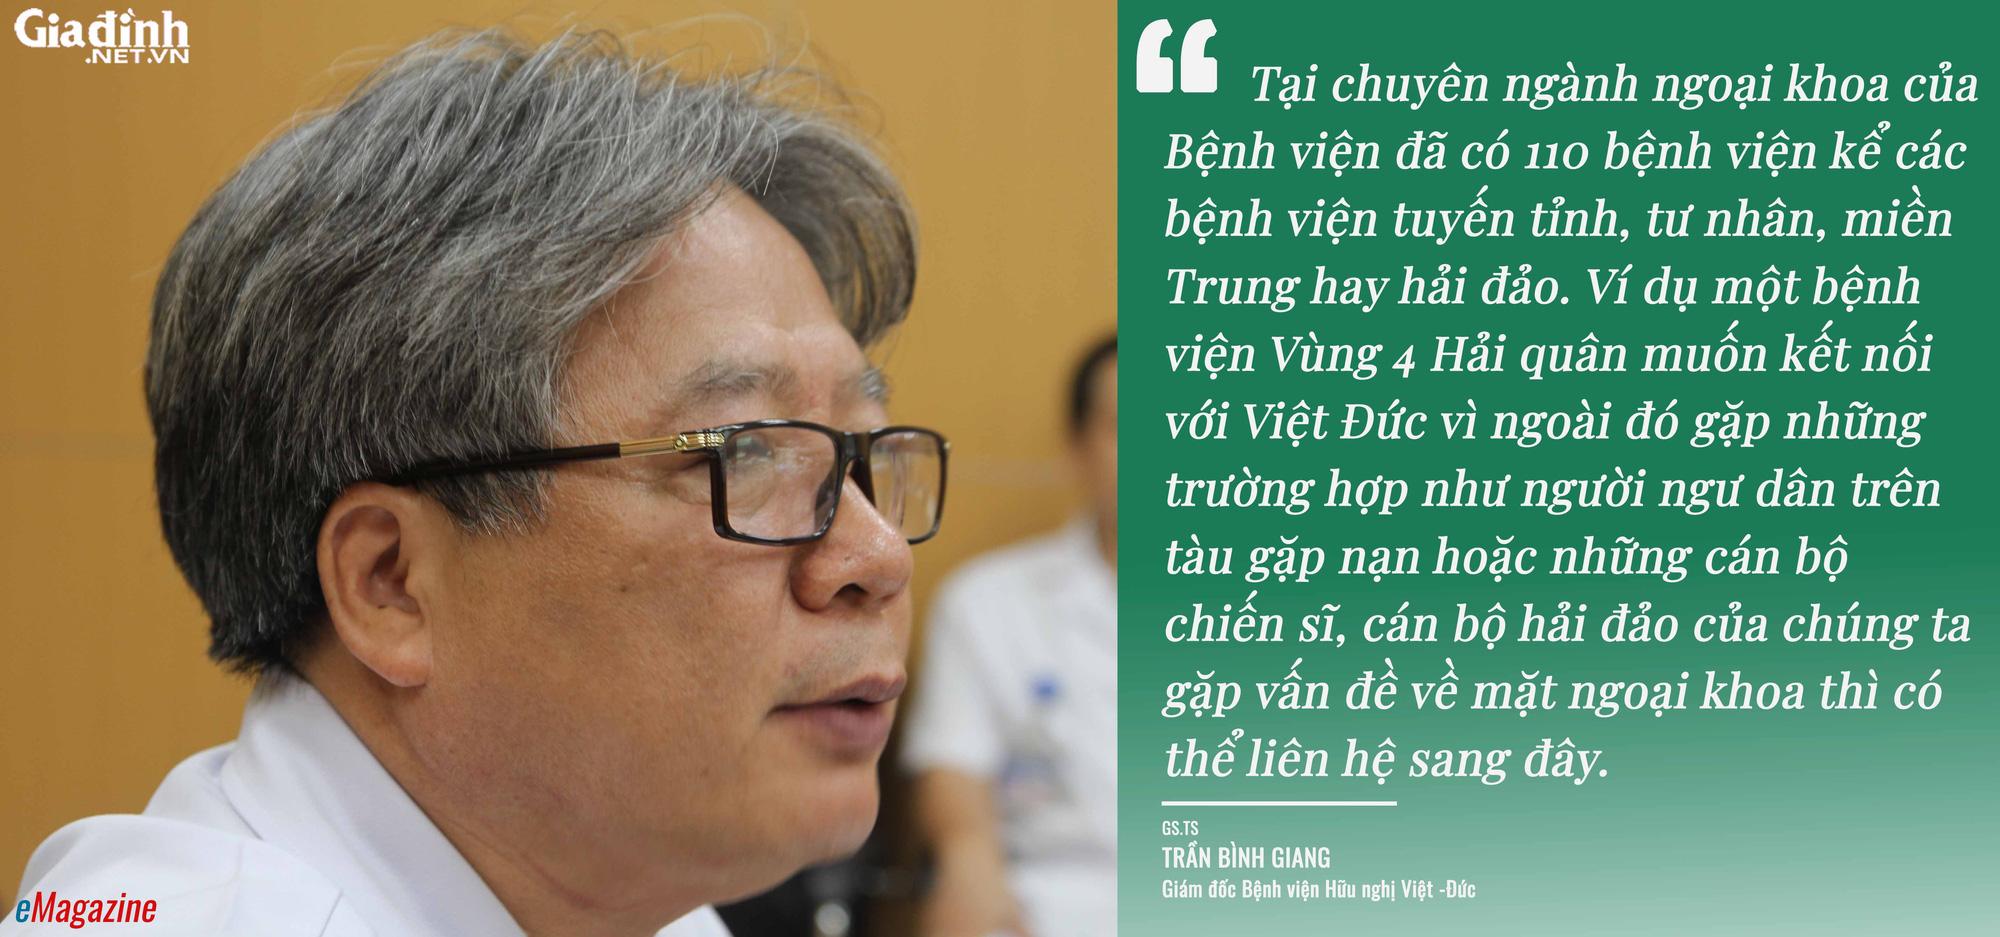 Telehealth và trăn trở từ 15 năm trước của Giám đốc Bệnh viện Việt Đức - Ảnh 16.